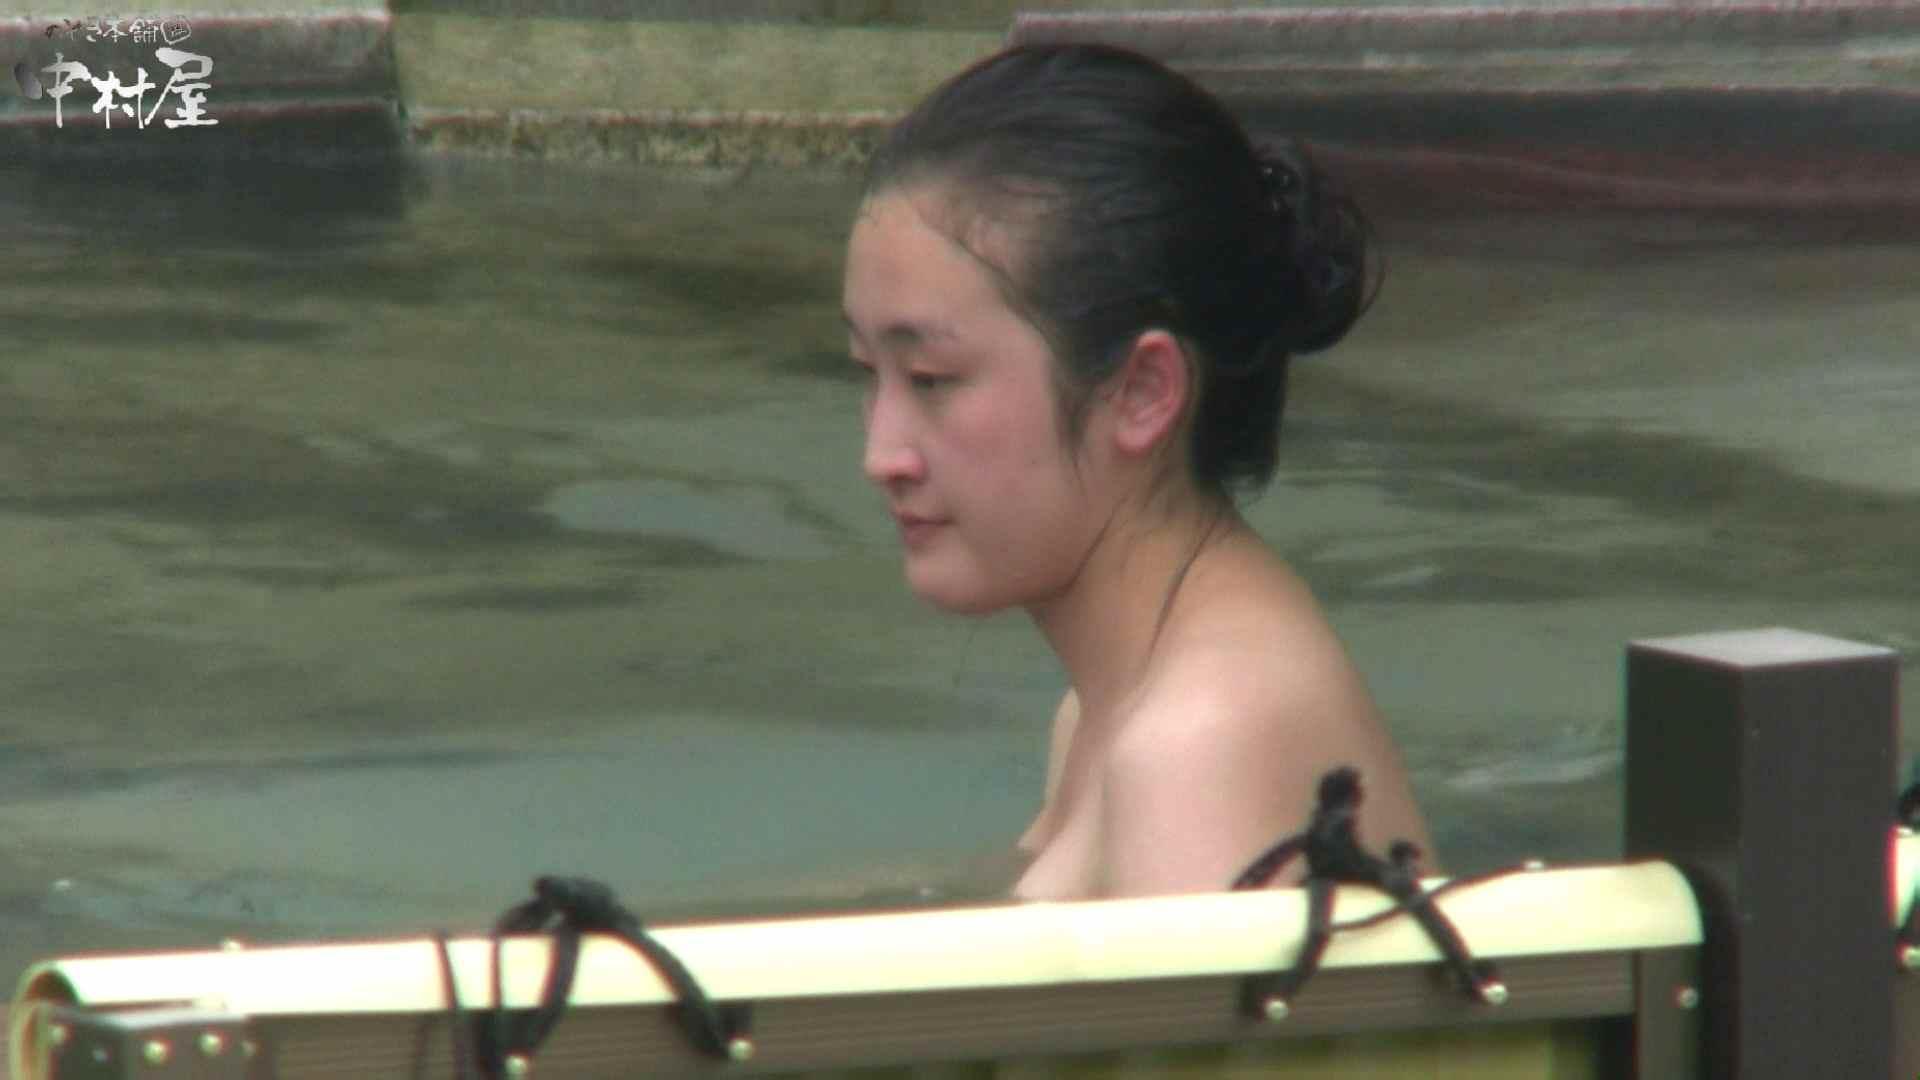 Aquaな露天風呂Vol.949 露天 | 盗撮特集  106画像 57